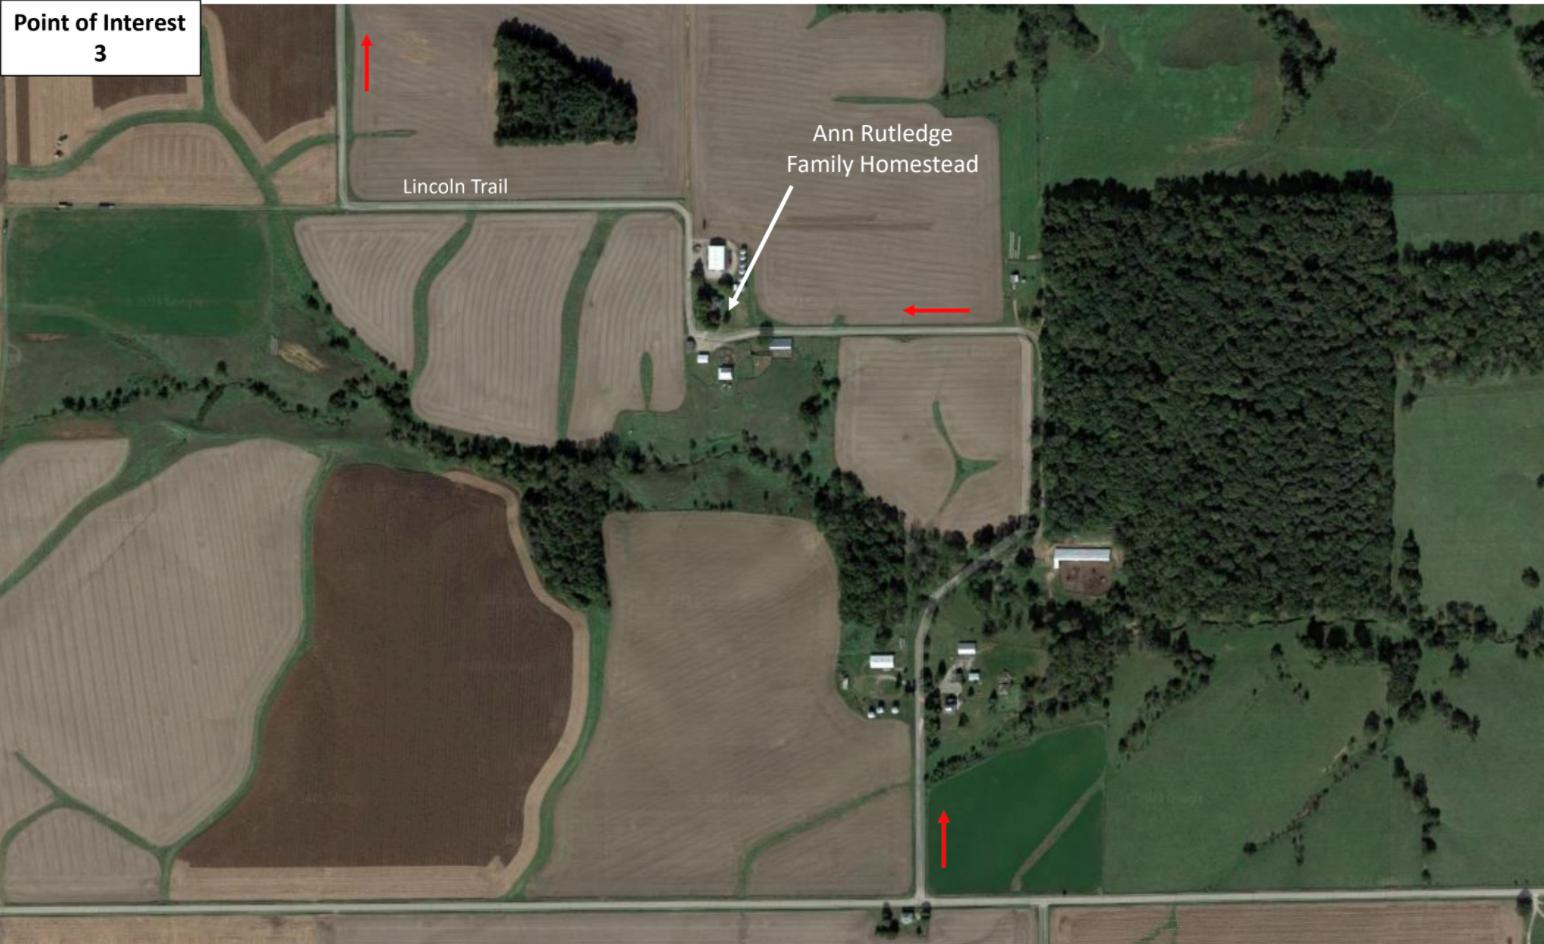 Site of Ann Rutledge family homestead.